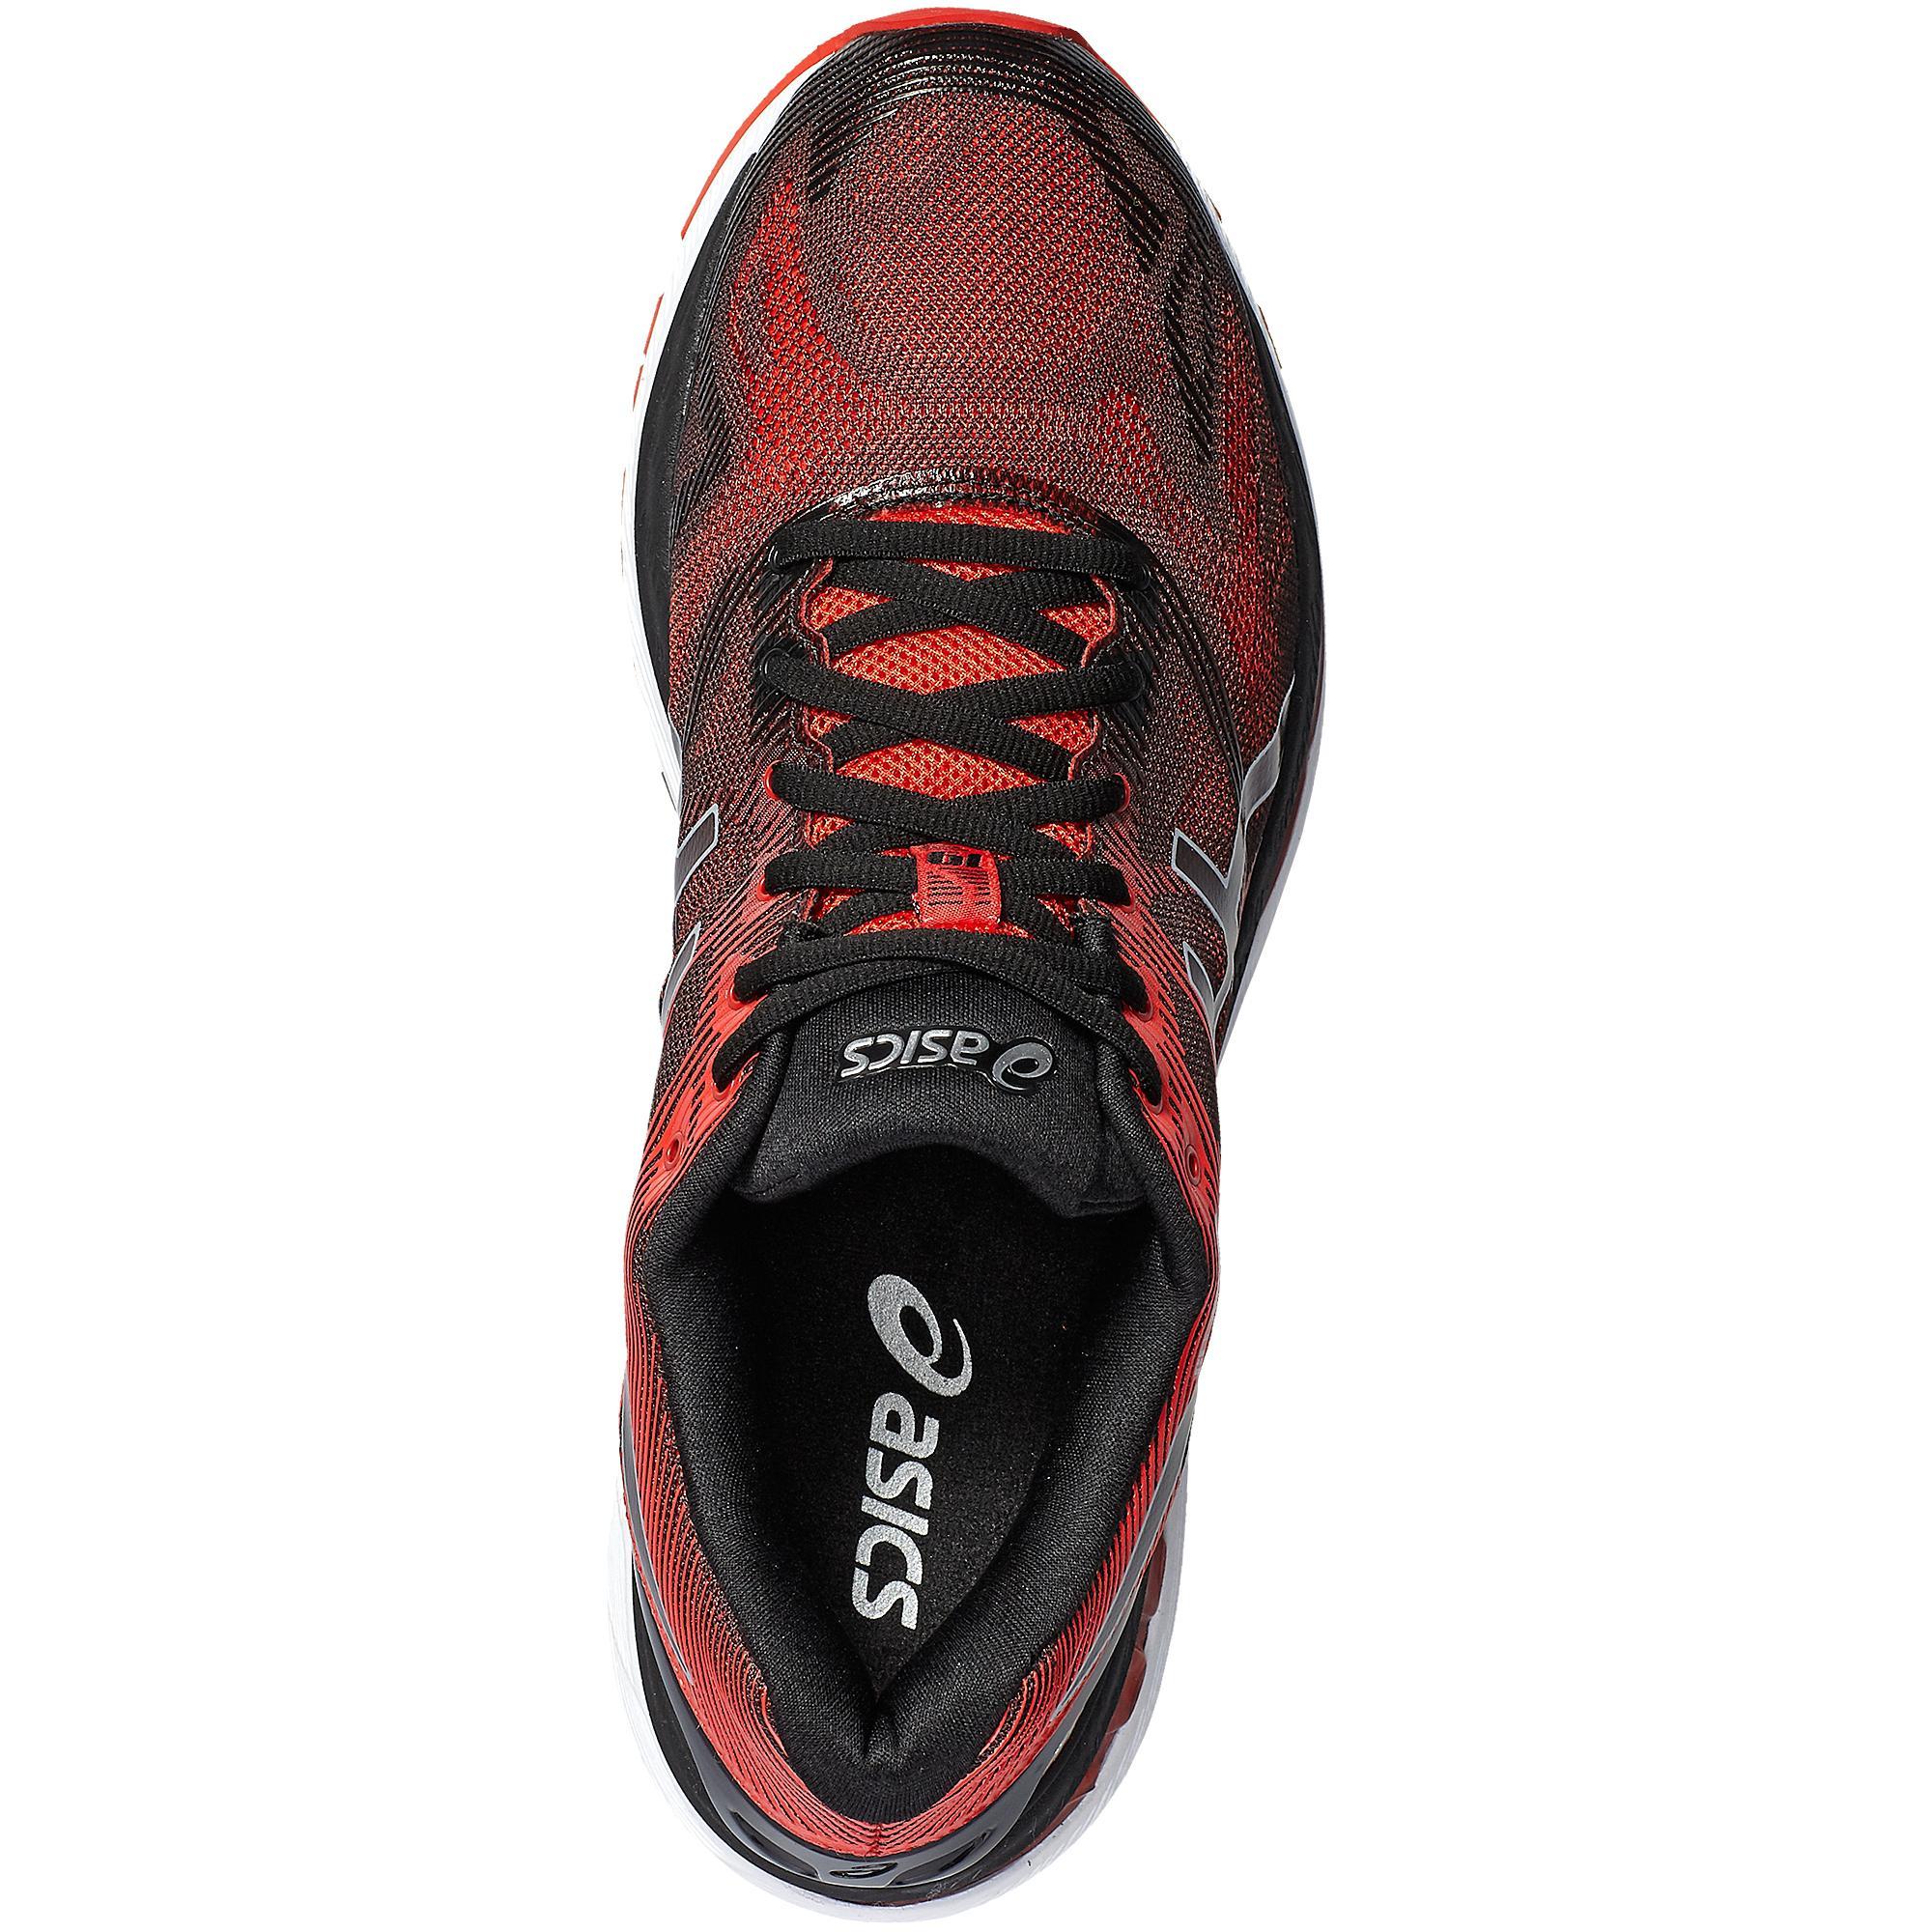 best value 36f21 ca037 Asics Mens GEL-Nimbus 19 Running Shoes - Vermillion Red/Black